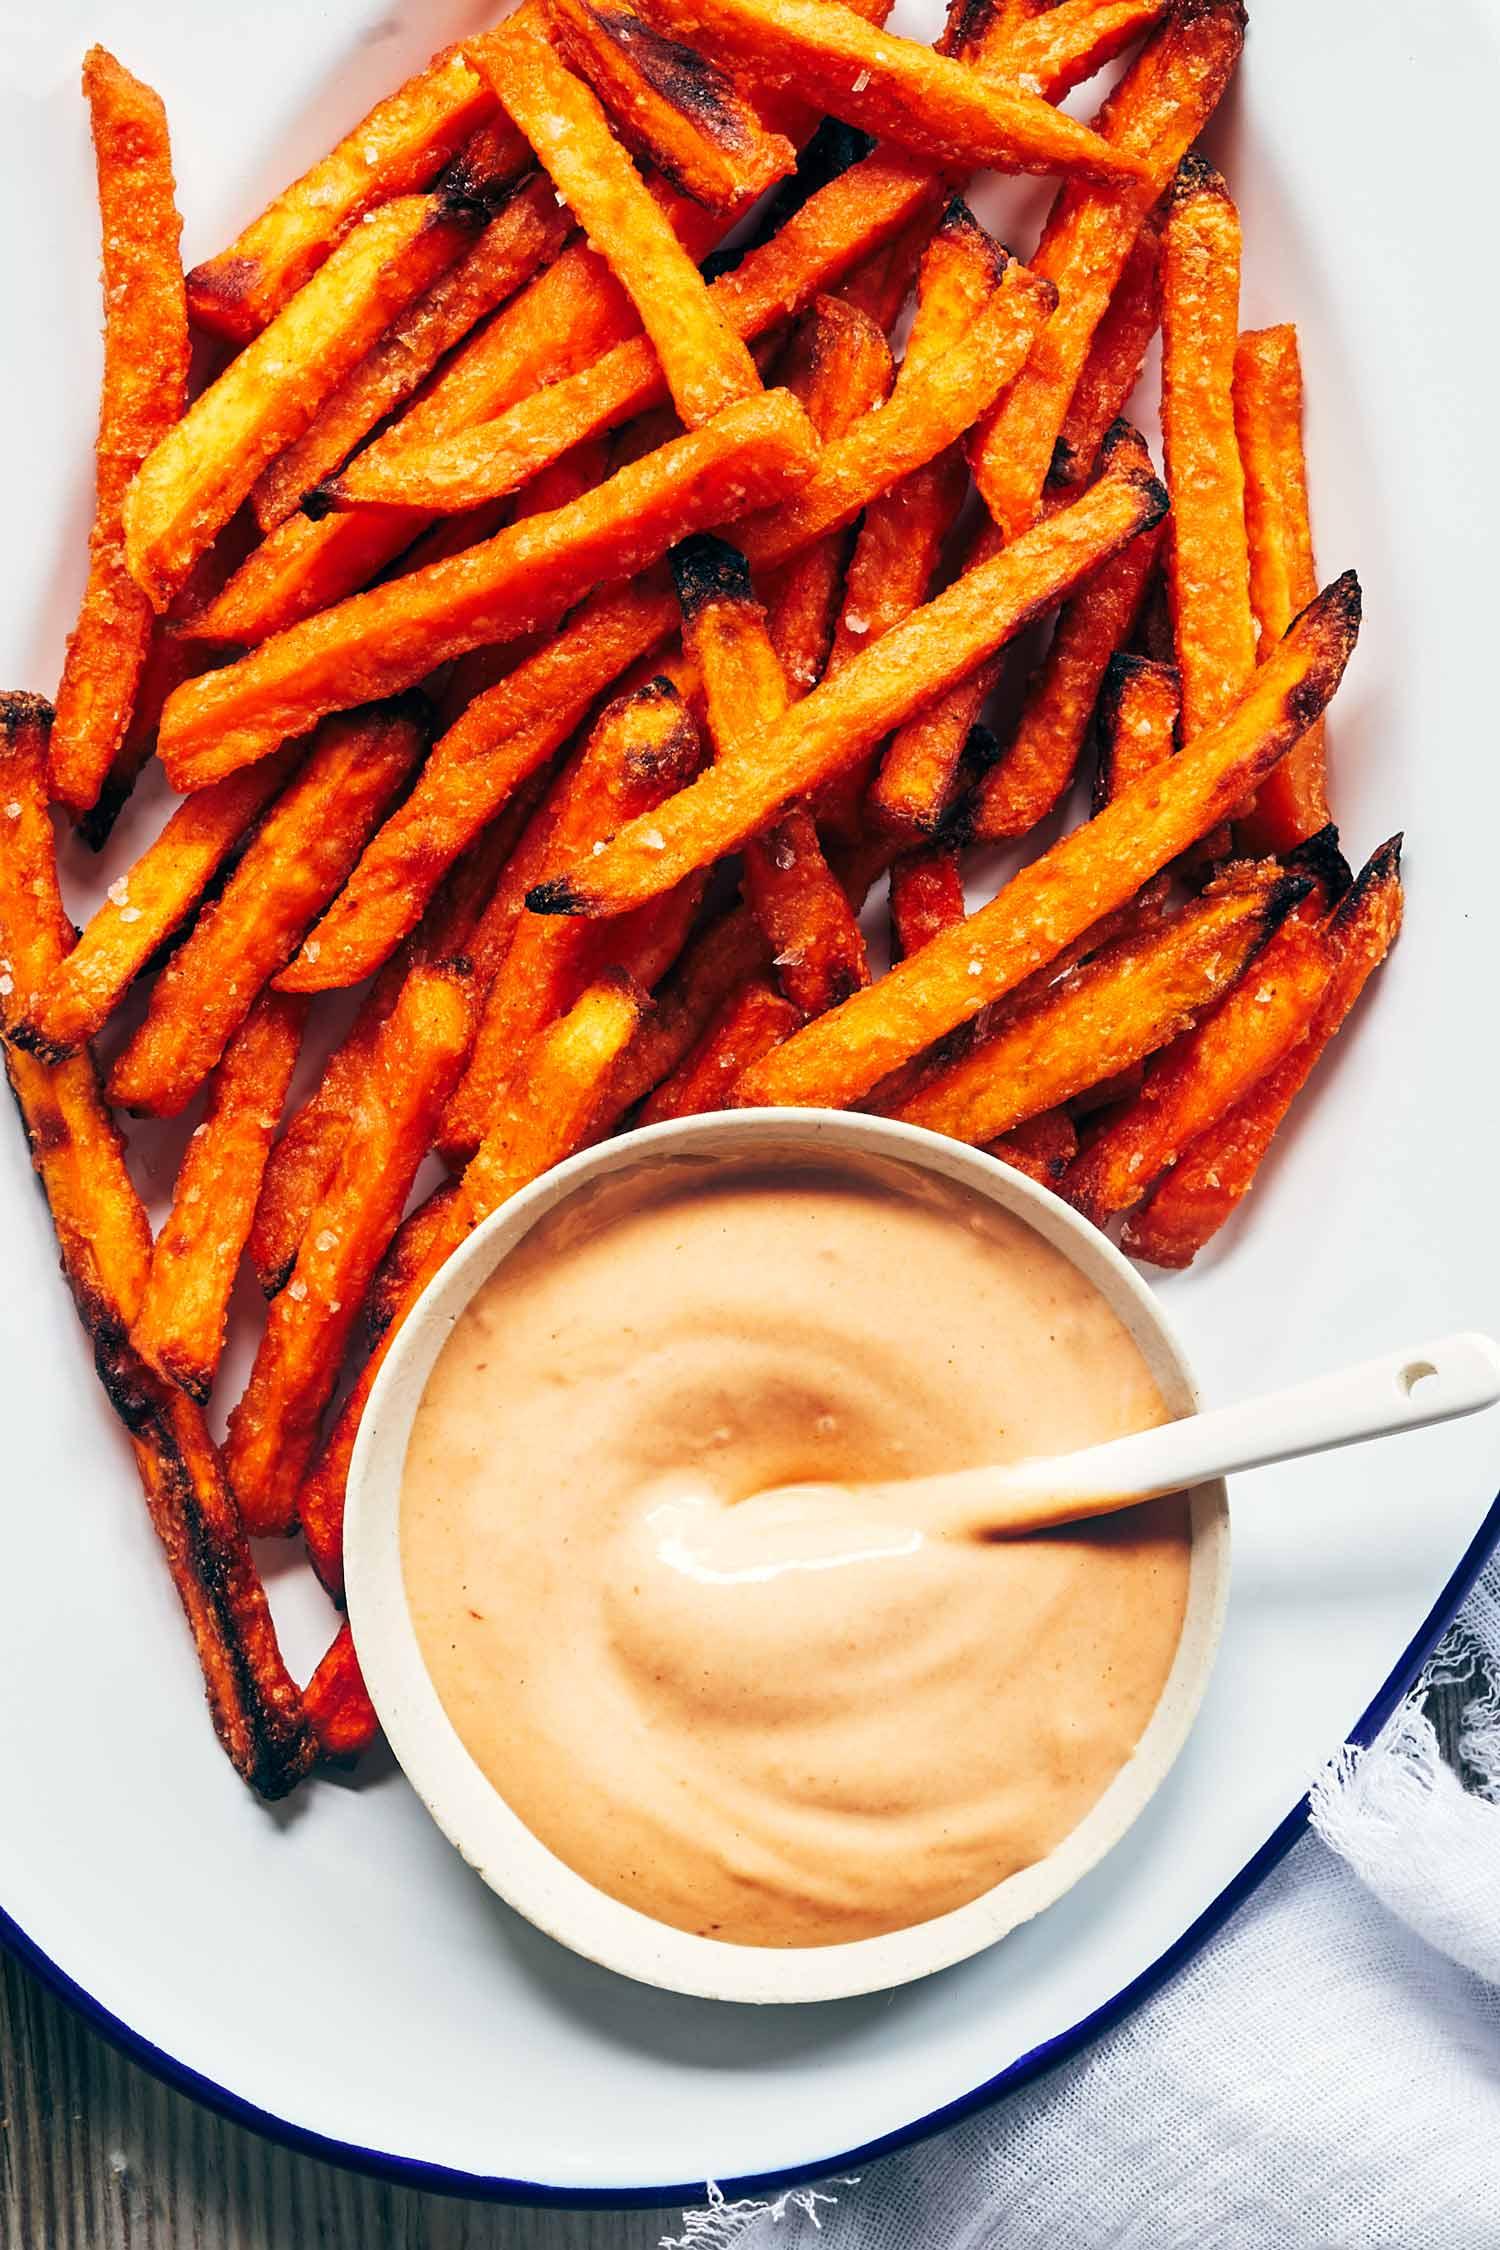 2-Ingredient Chipotle Mayo   Evergreen Kitchen   Gluten Free, Vegan (option)